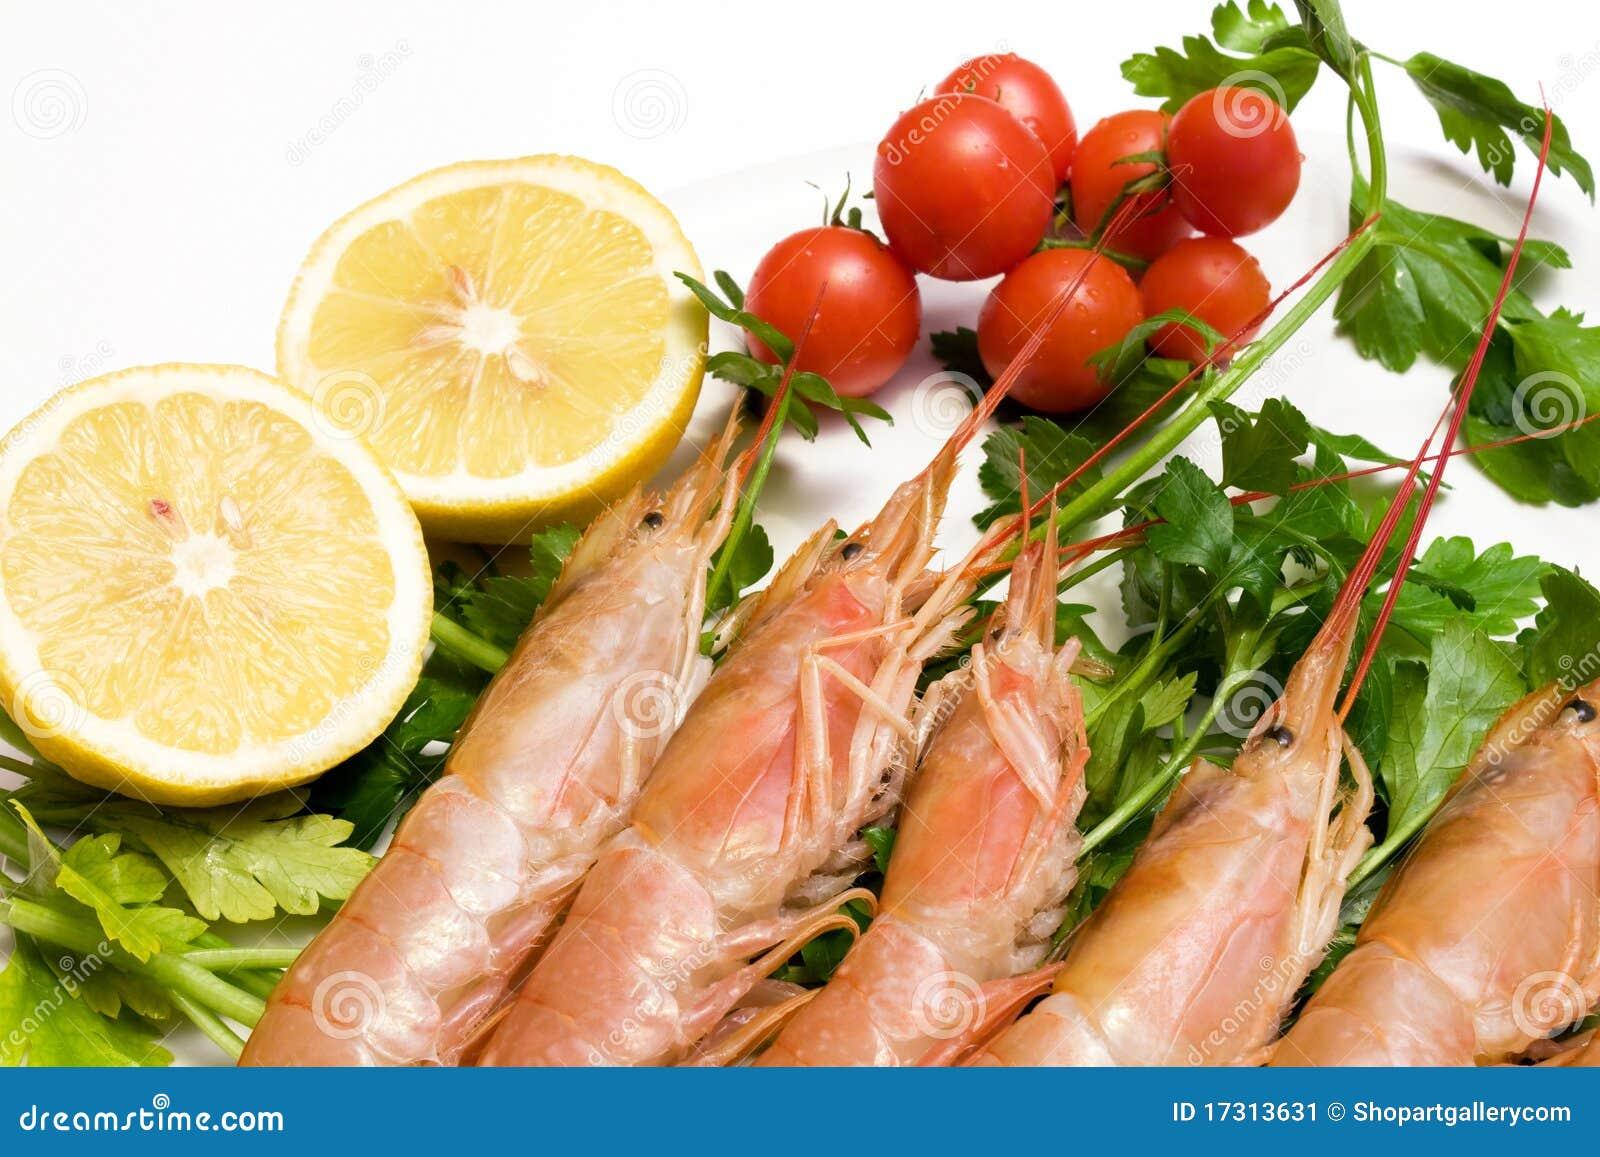 how to prepare raw prawns